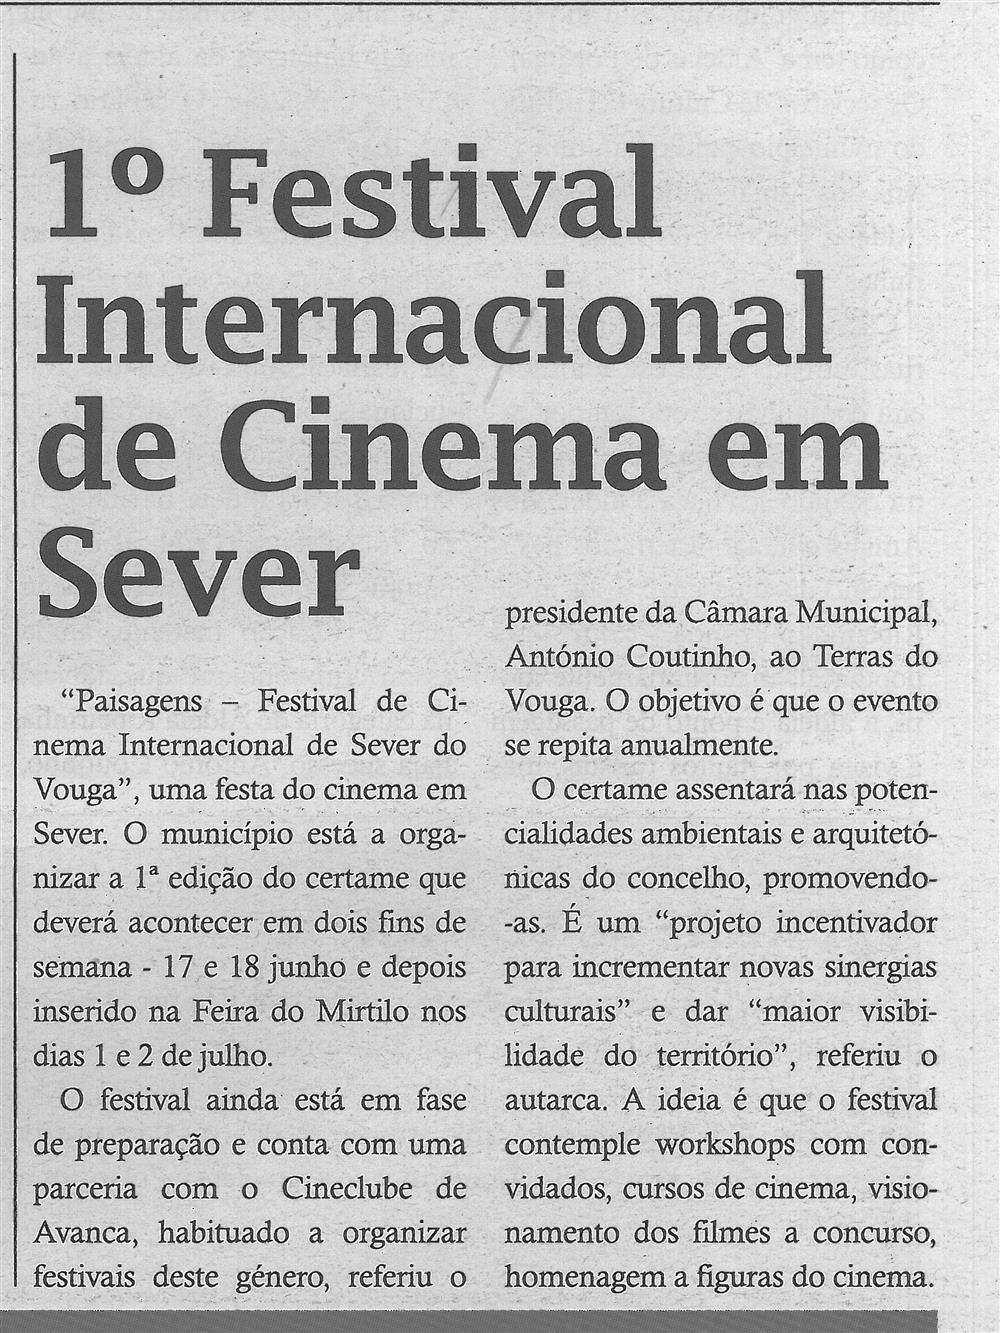 TV-abr.'17-p.3-1.º Festival Internacional de Cinema em Sever.jpg